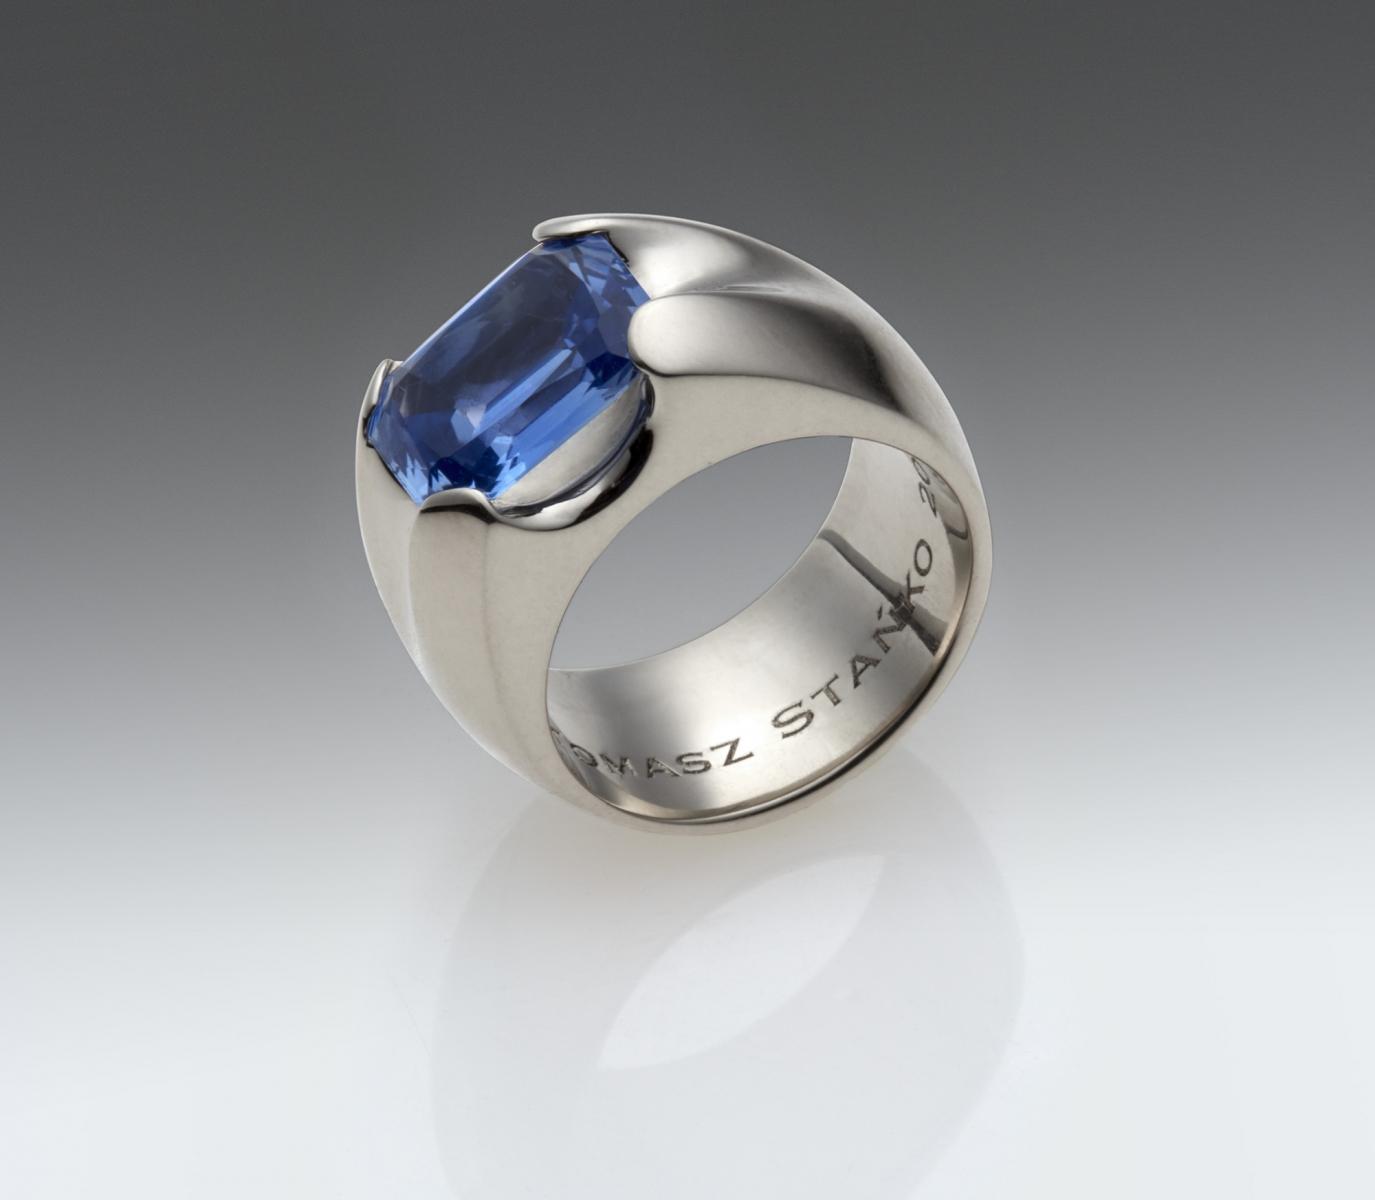 Pierścień, białe złoto z szafirem  /  white gold ring with saphire